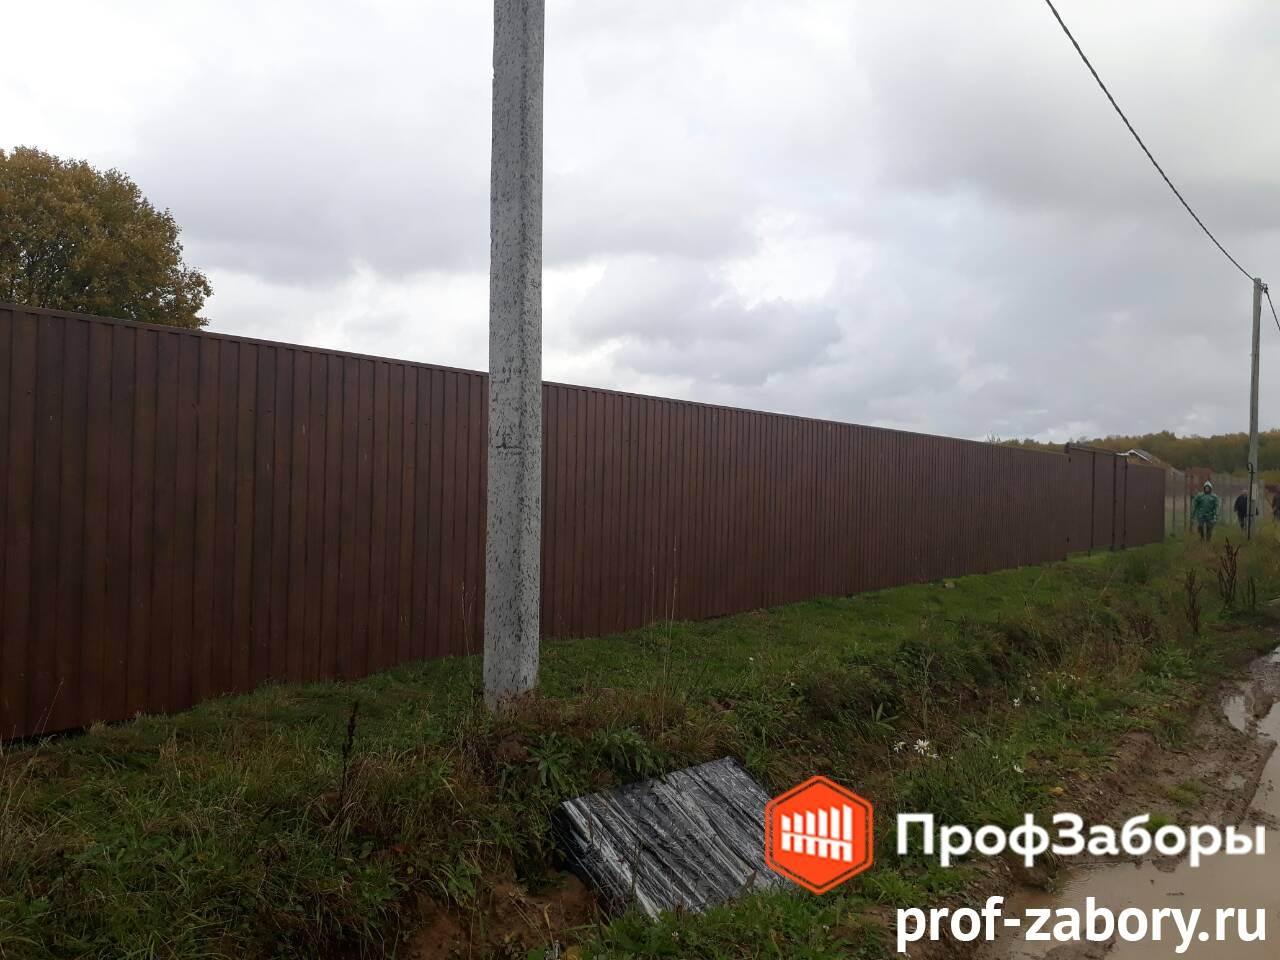 Заборы Из профнастила  - Городской округ Мытищи. Фото 3